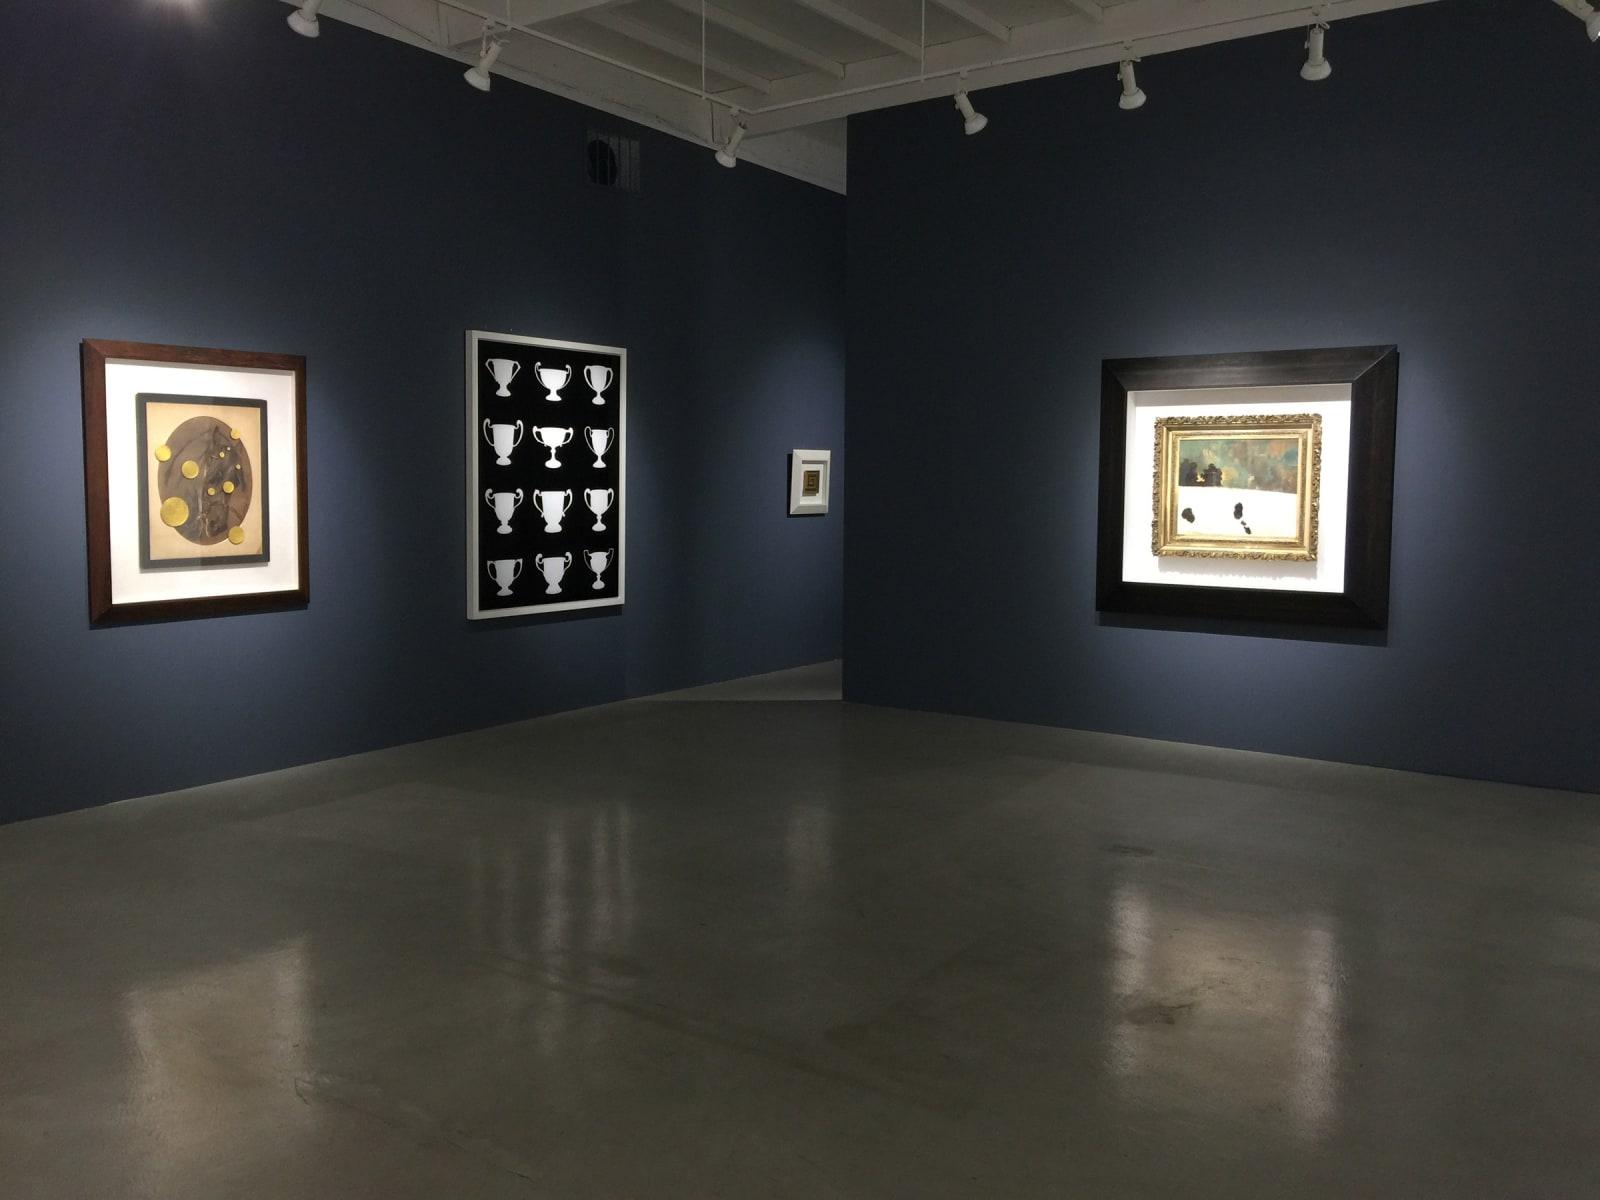 Barry Bell | Framings 1990-2018